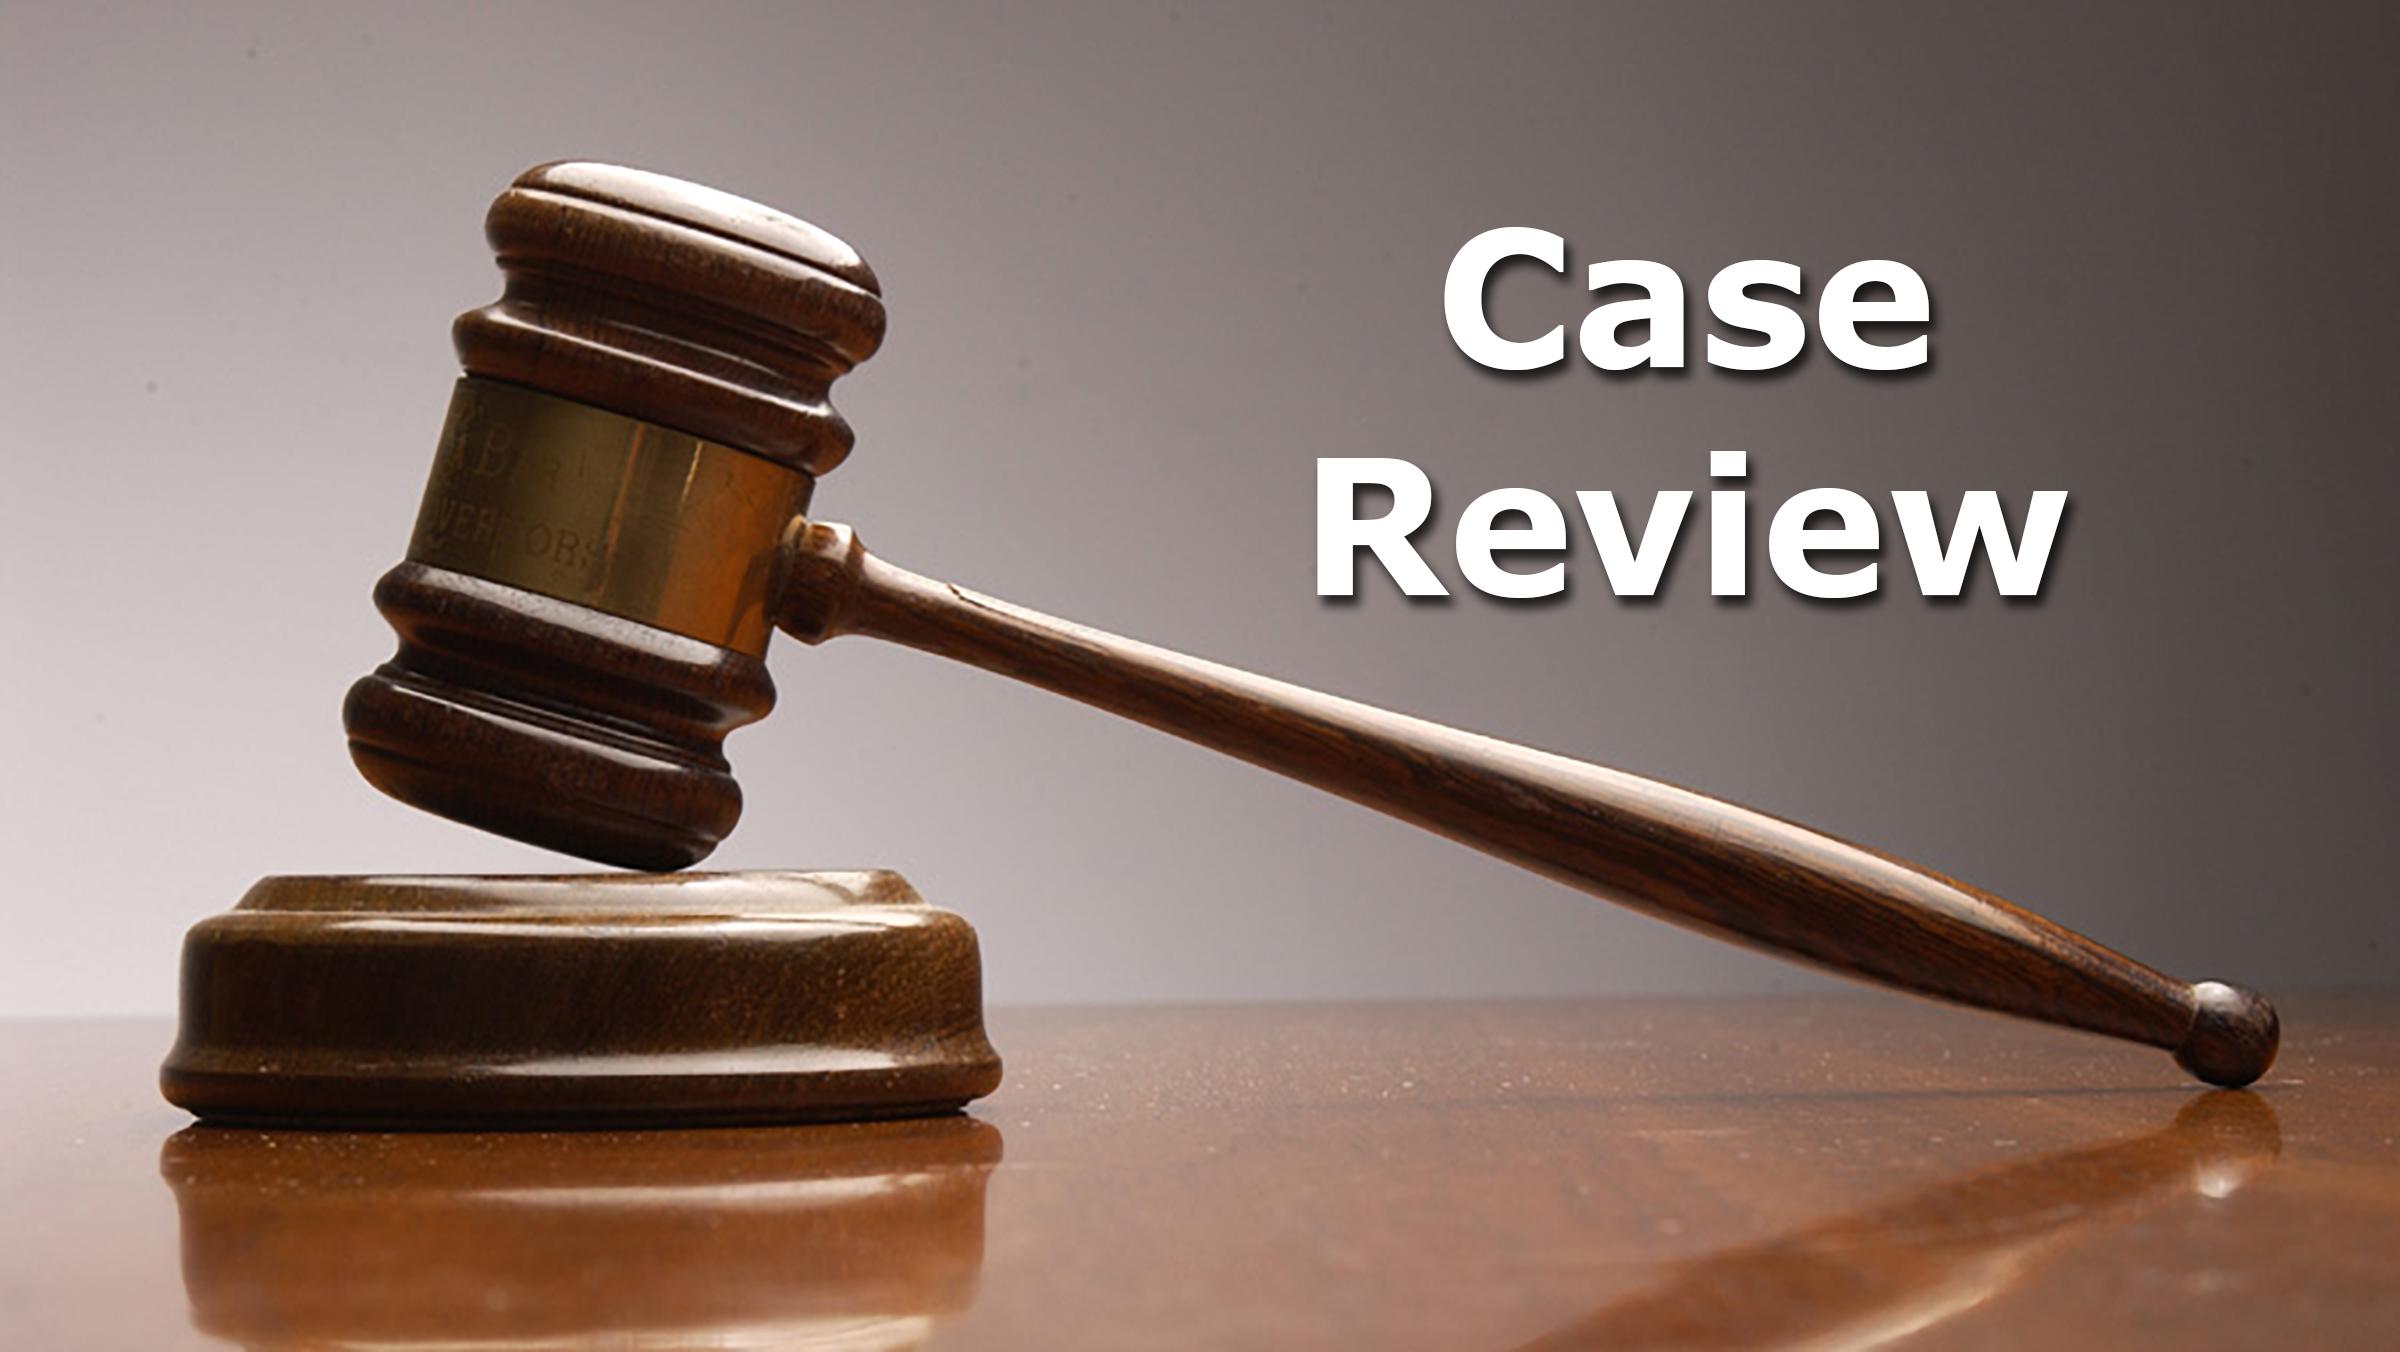 Case Review - Boyd LawBoyd Law